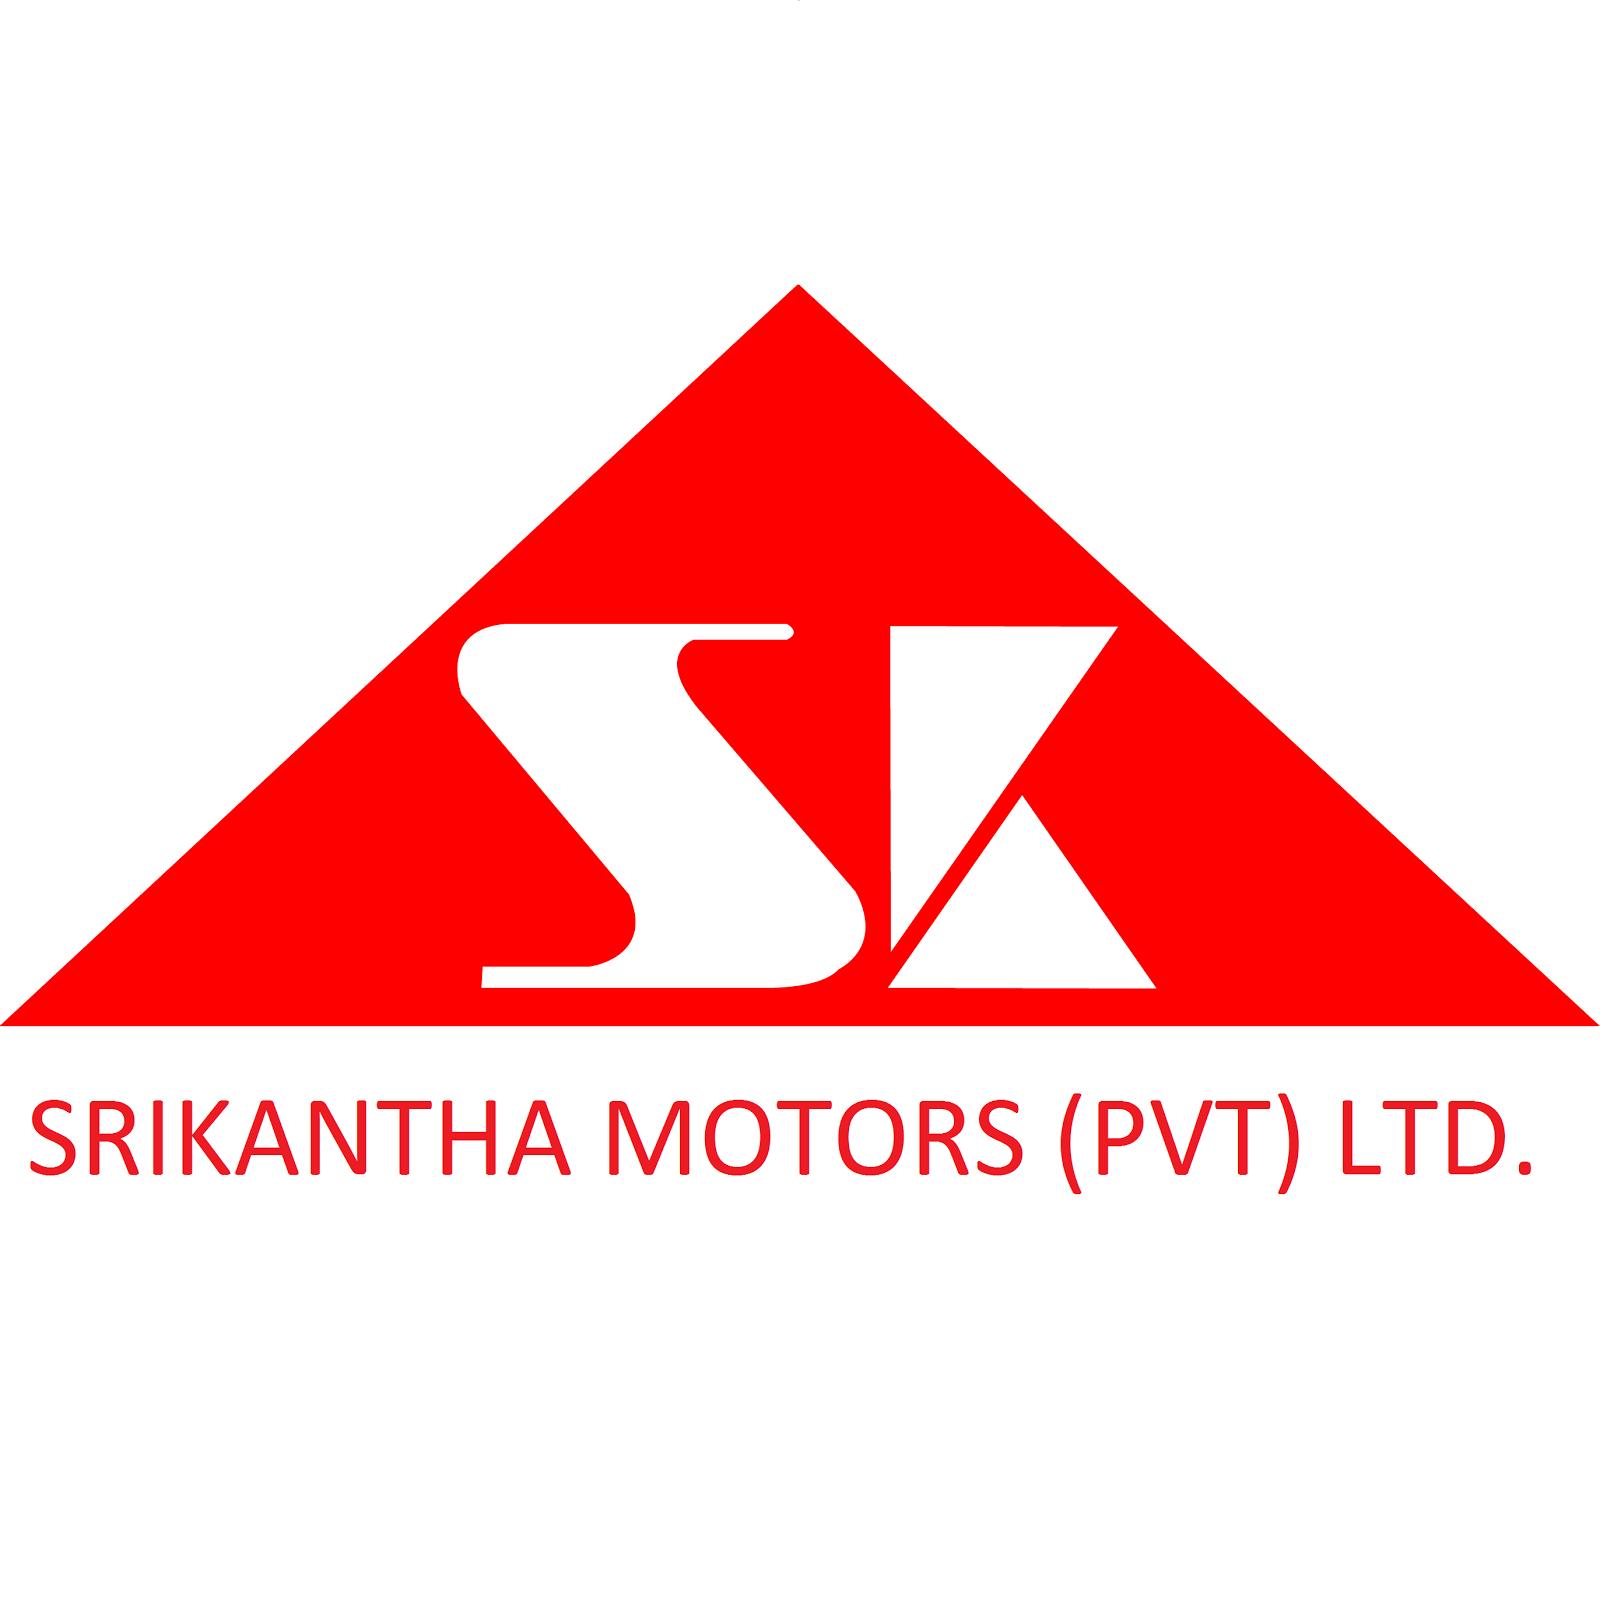 Srikantha Motors